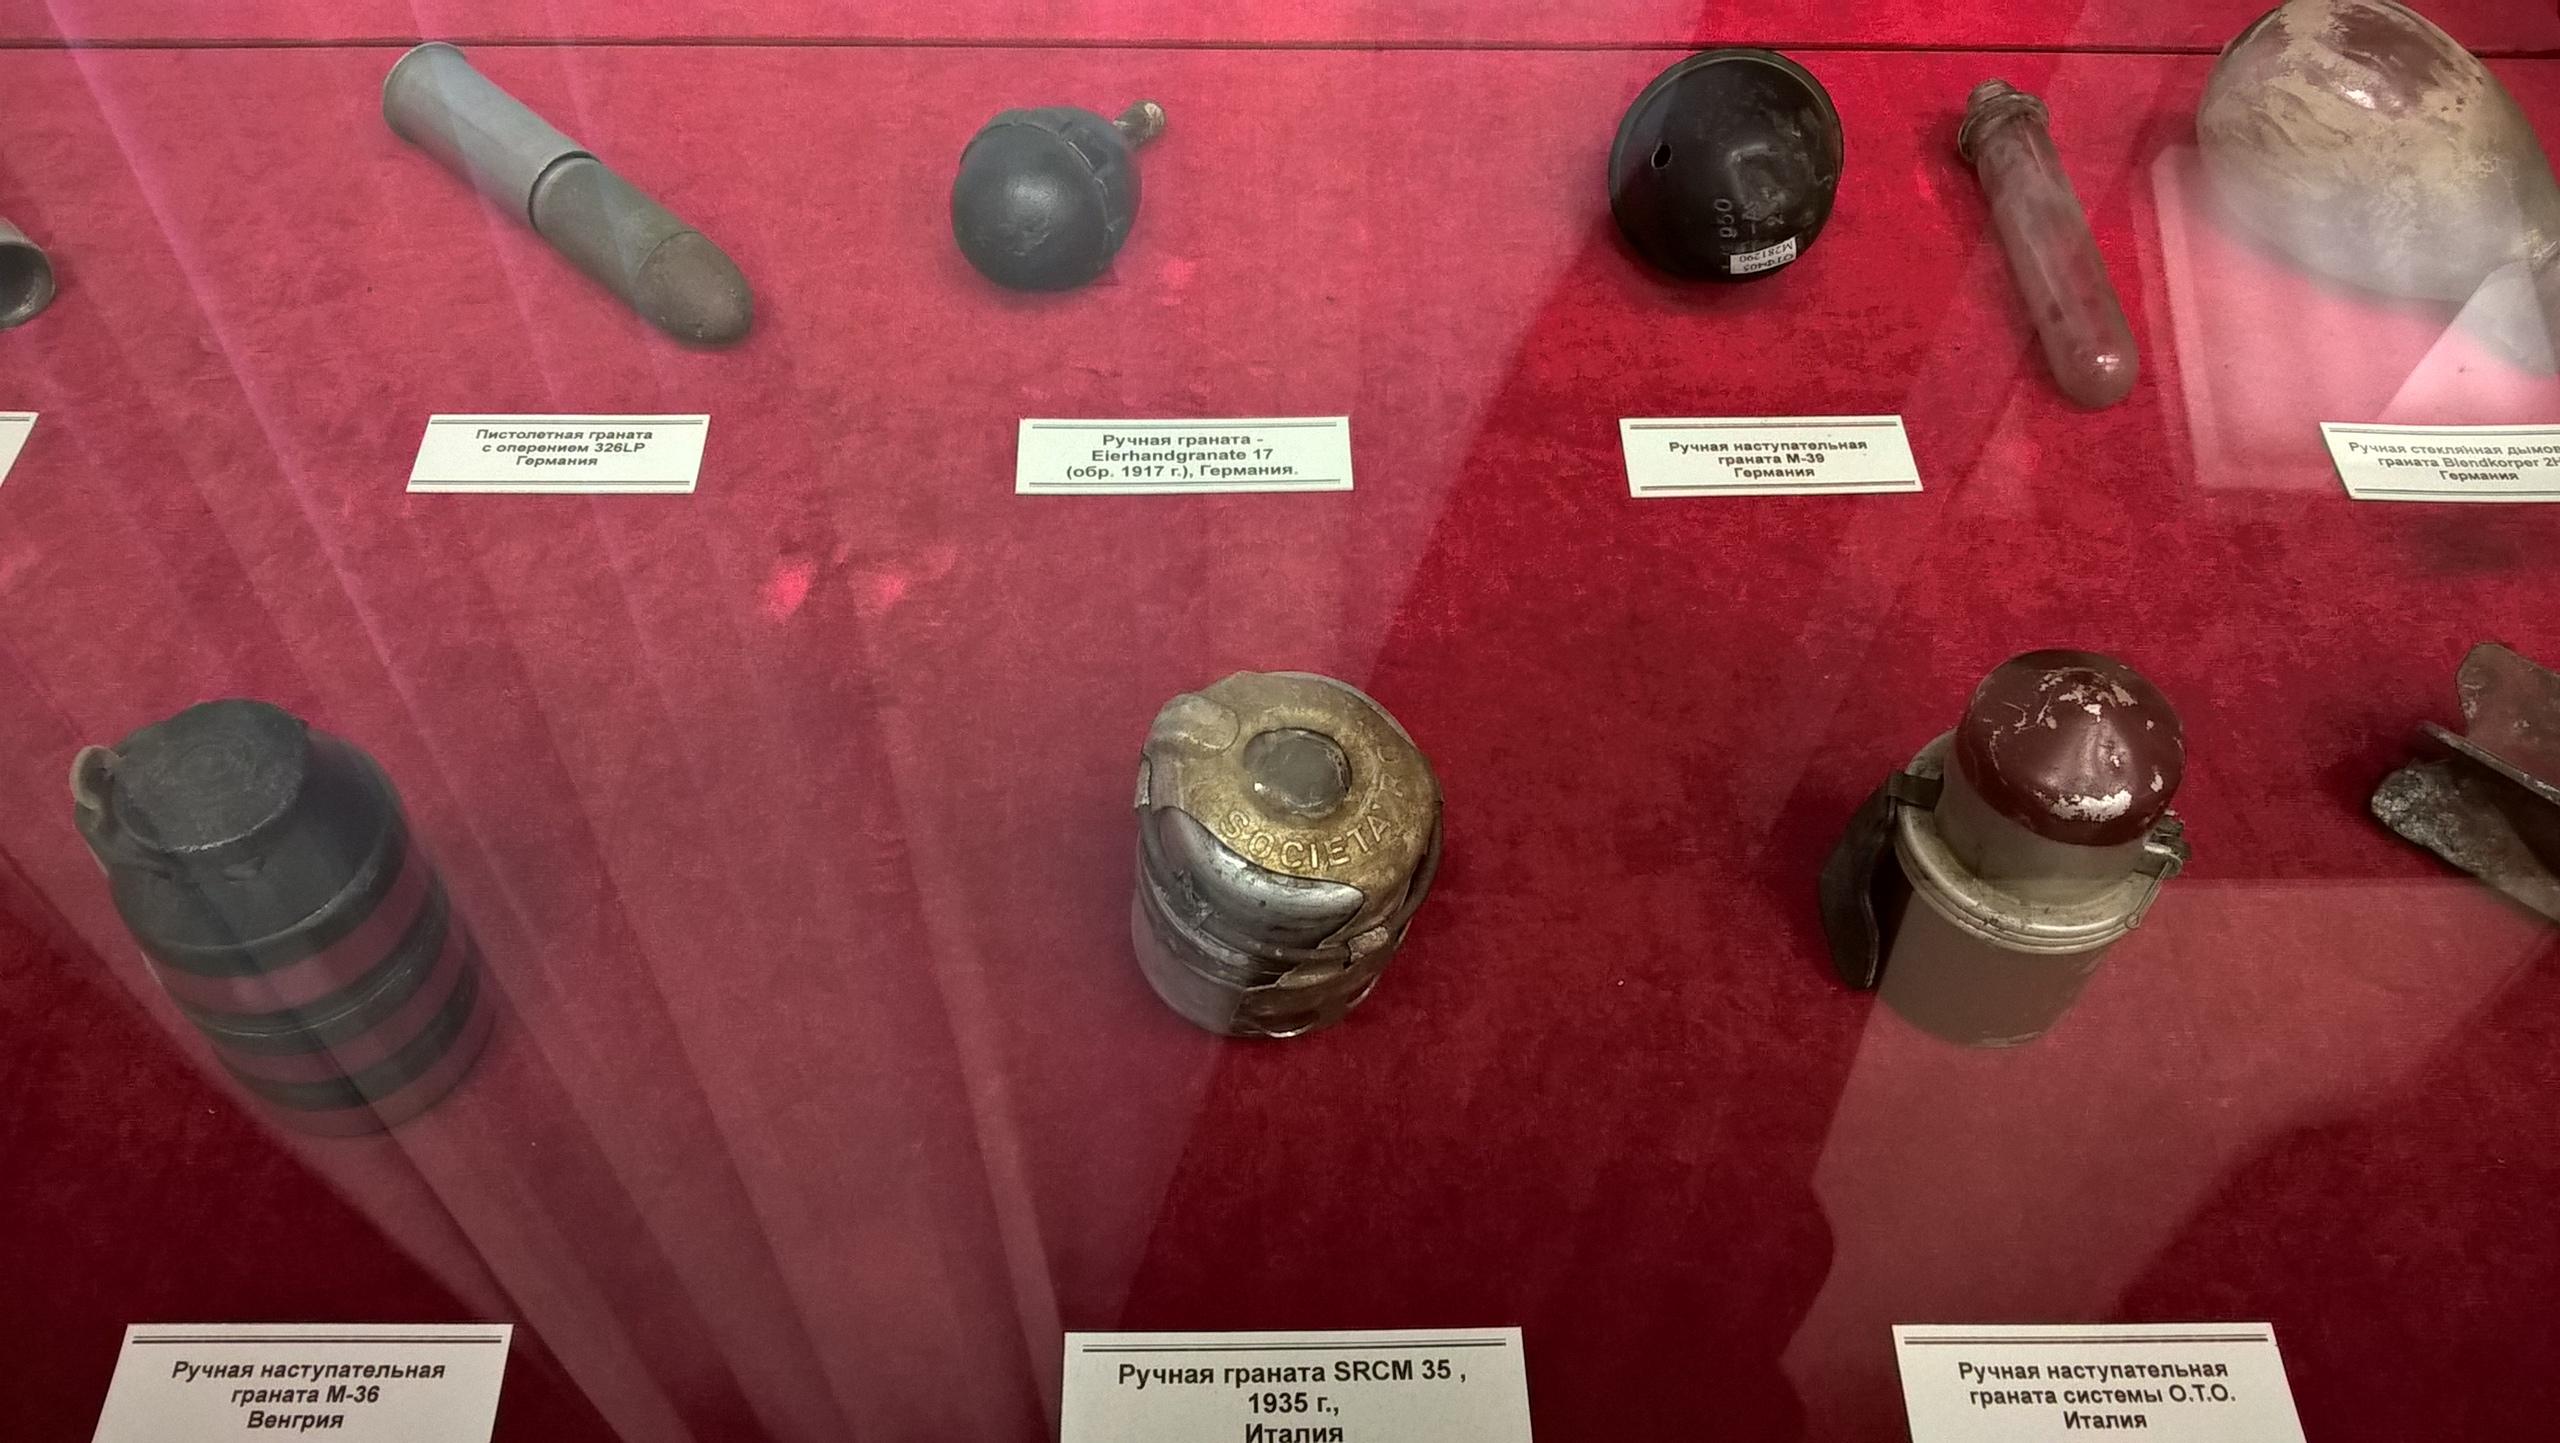 Ручные гранаты в музее военной техники